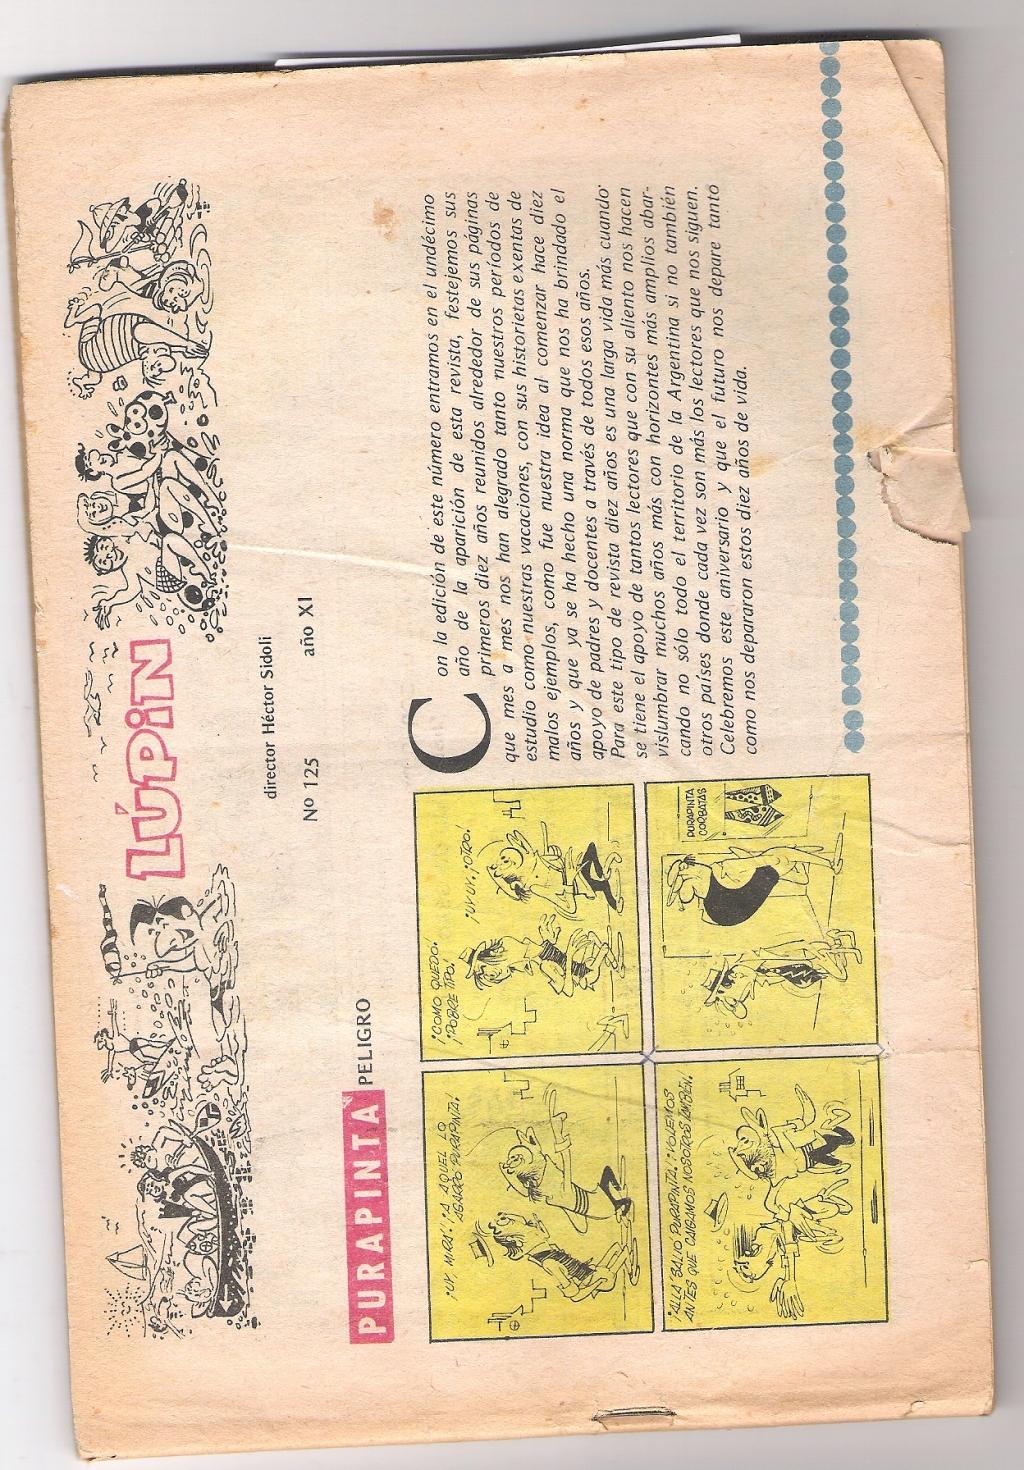 PUBLICACION DE FEBRERO DE 1976, CUANDO LA REVISTA YA TENIA 10 AÑOS